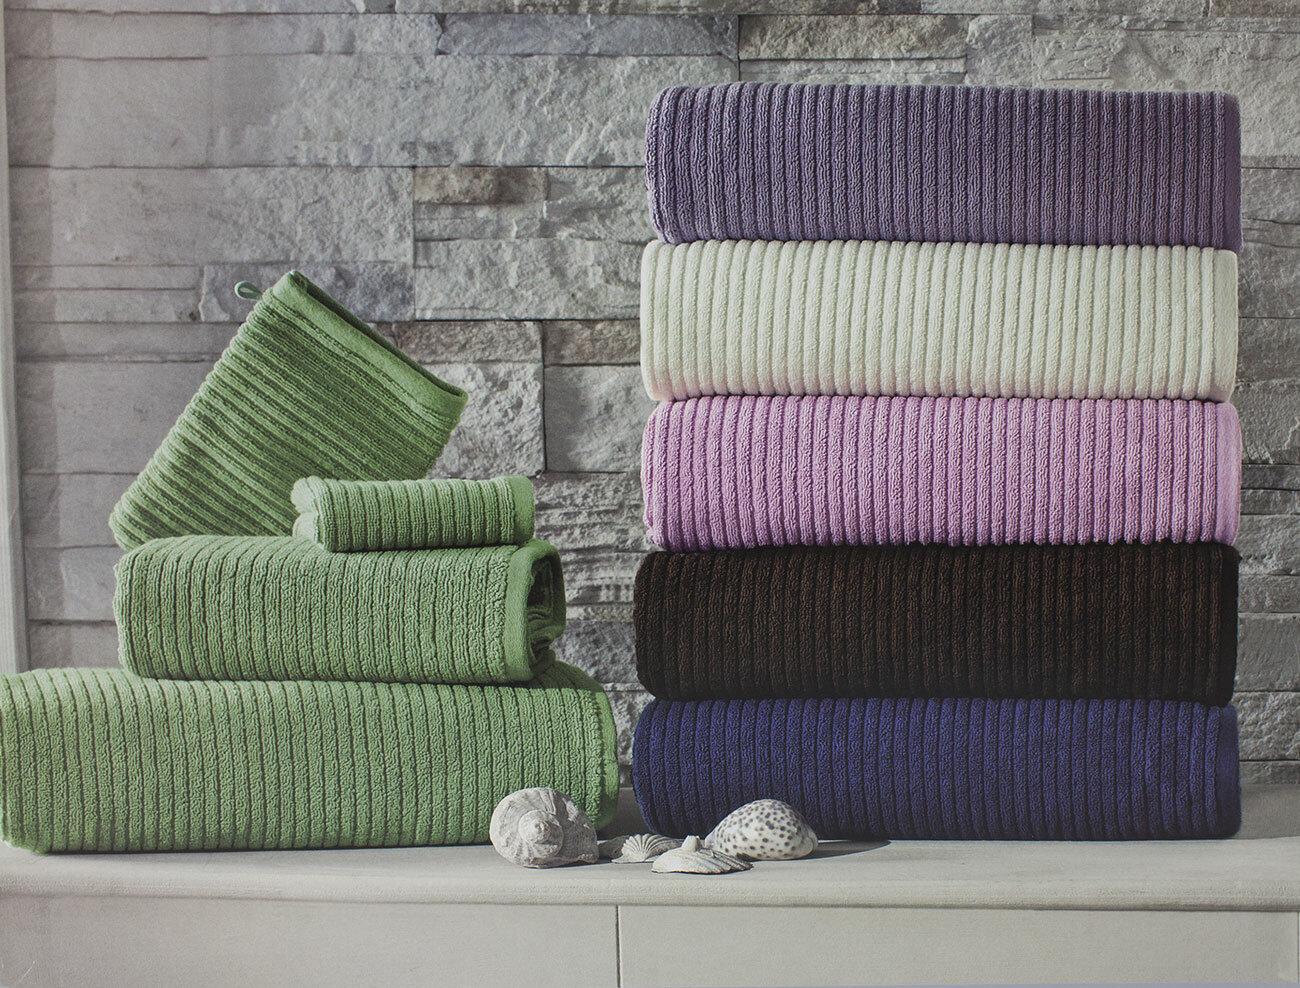 Комплект махровых полотенец (30x50, 50x100, 80x150) + варежка River Maison dor (синий), Комплект полотенец (3 шт)